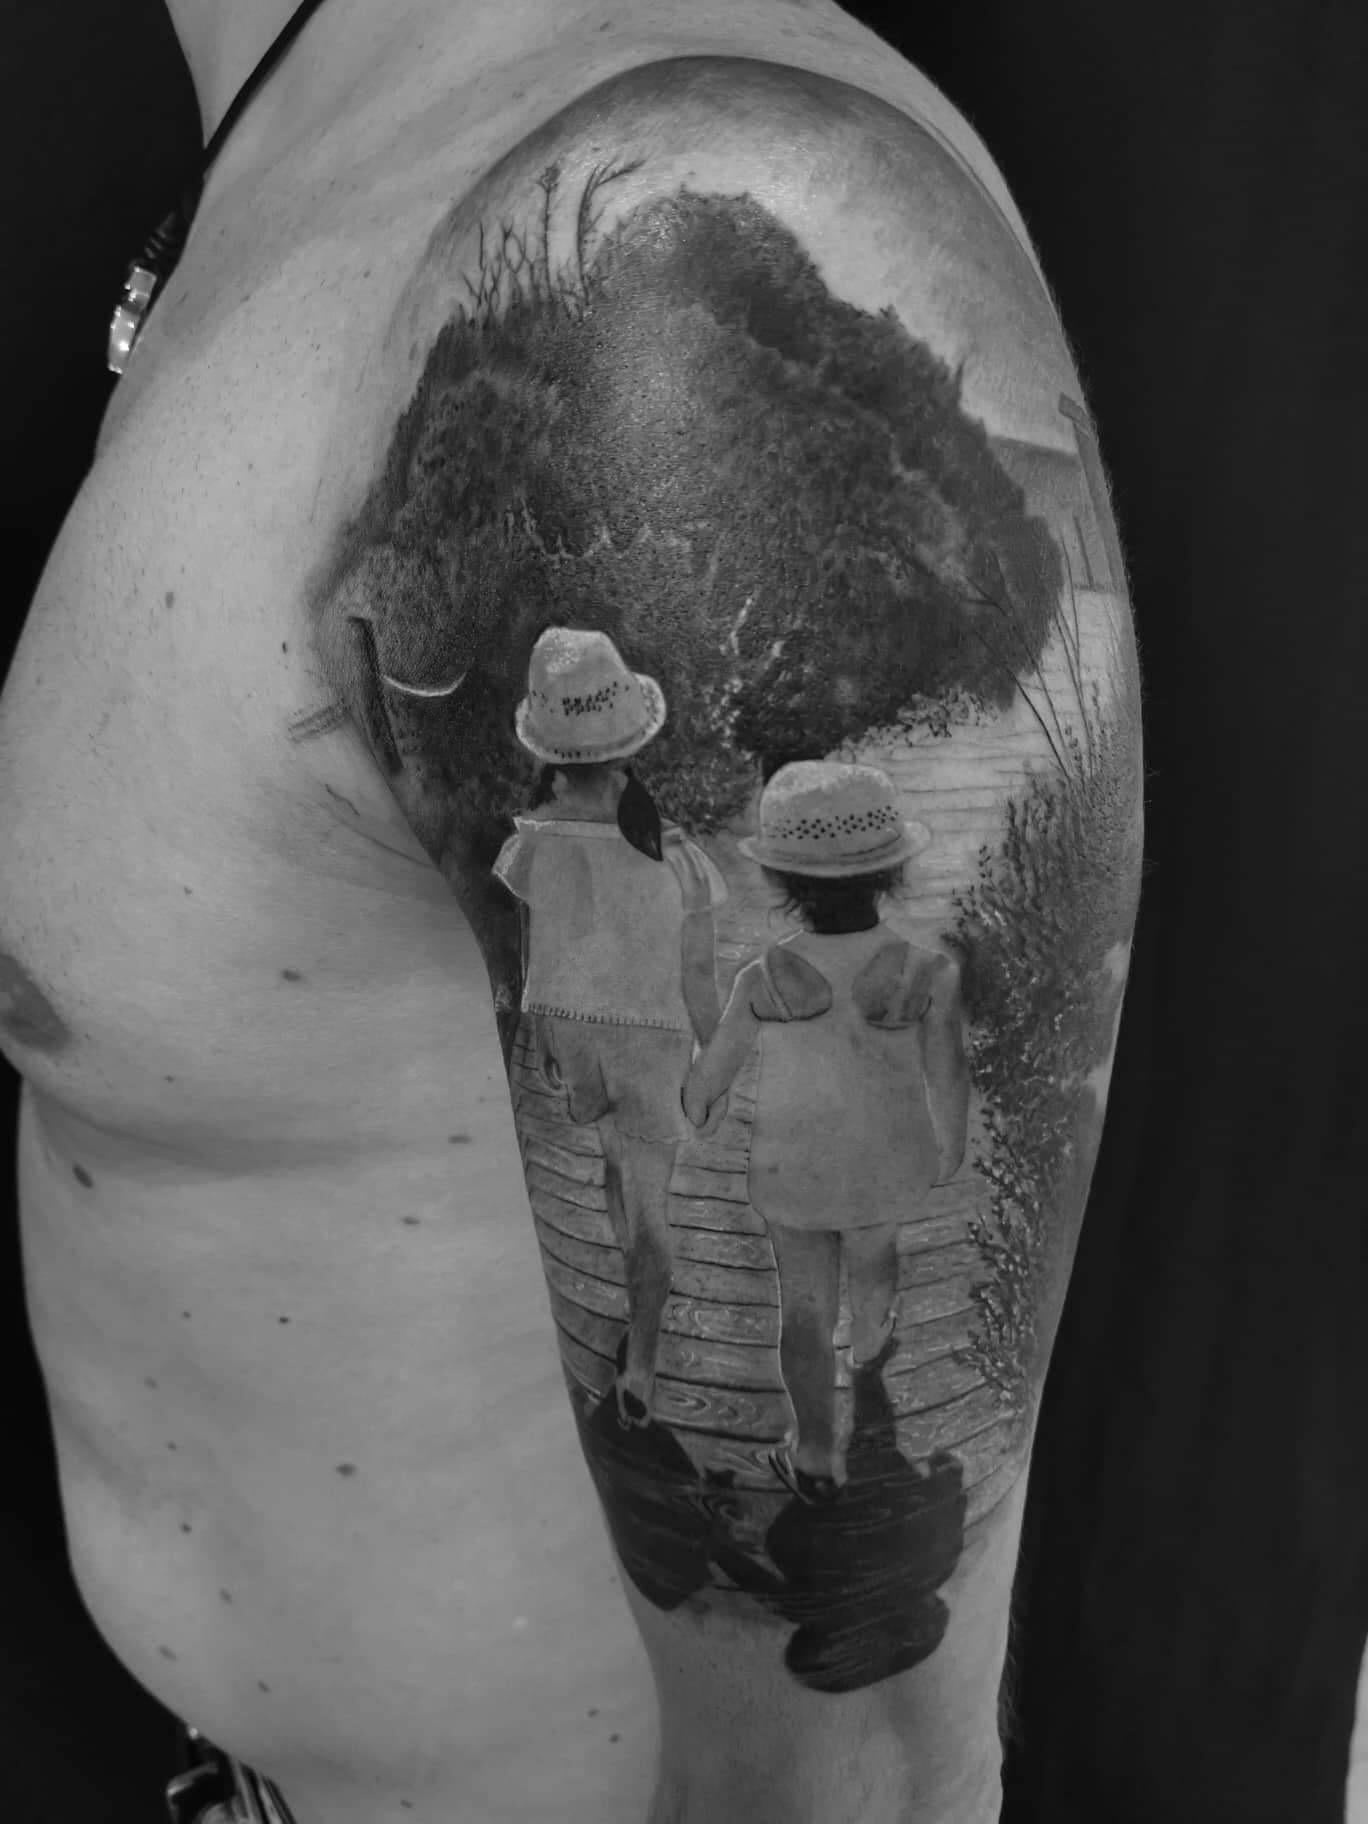 ritchey tattoo studio münchen anansi best realismus kinder familie tätowierung künstler tätowierer schwarz black